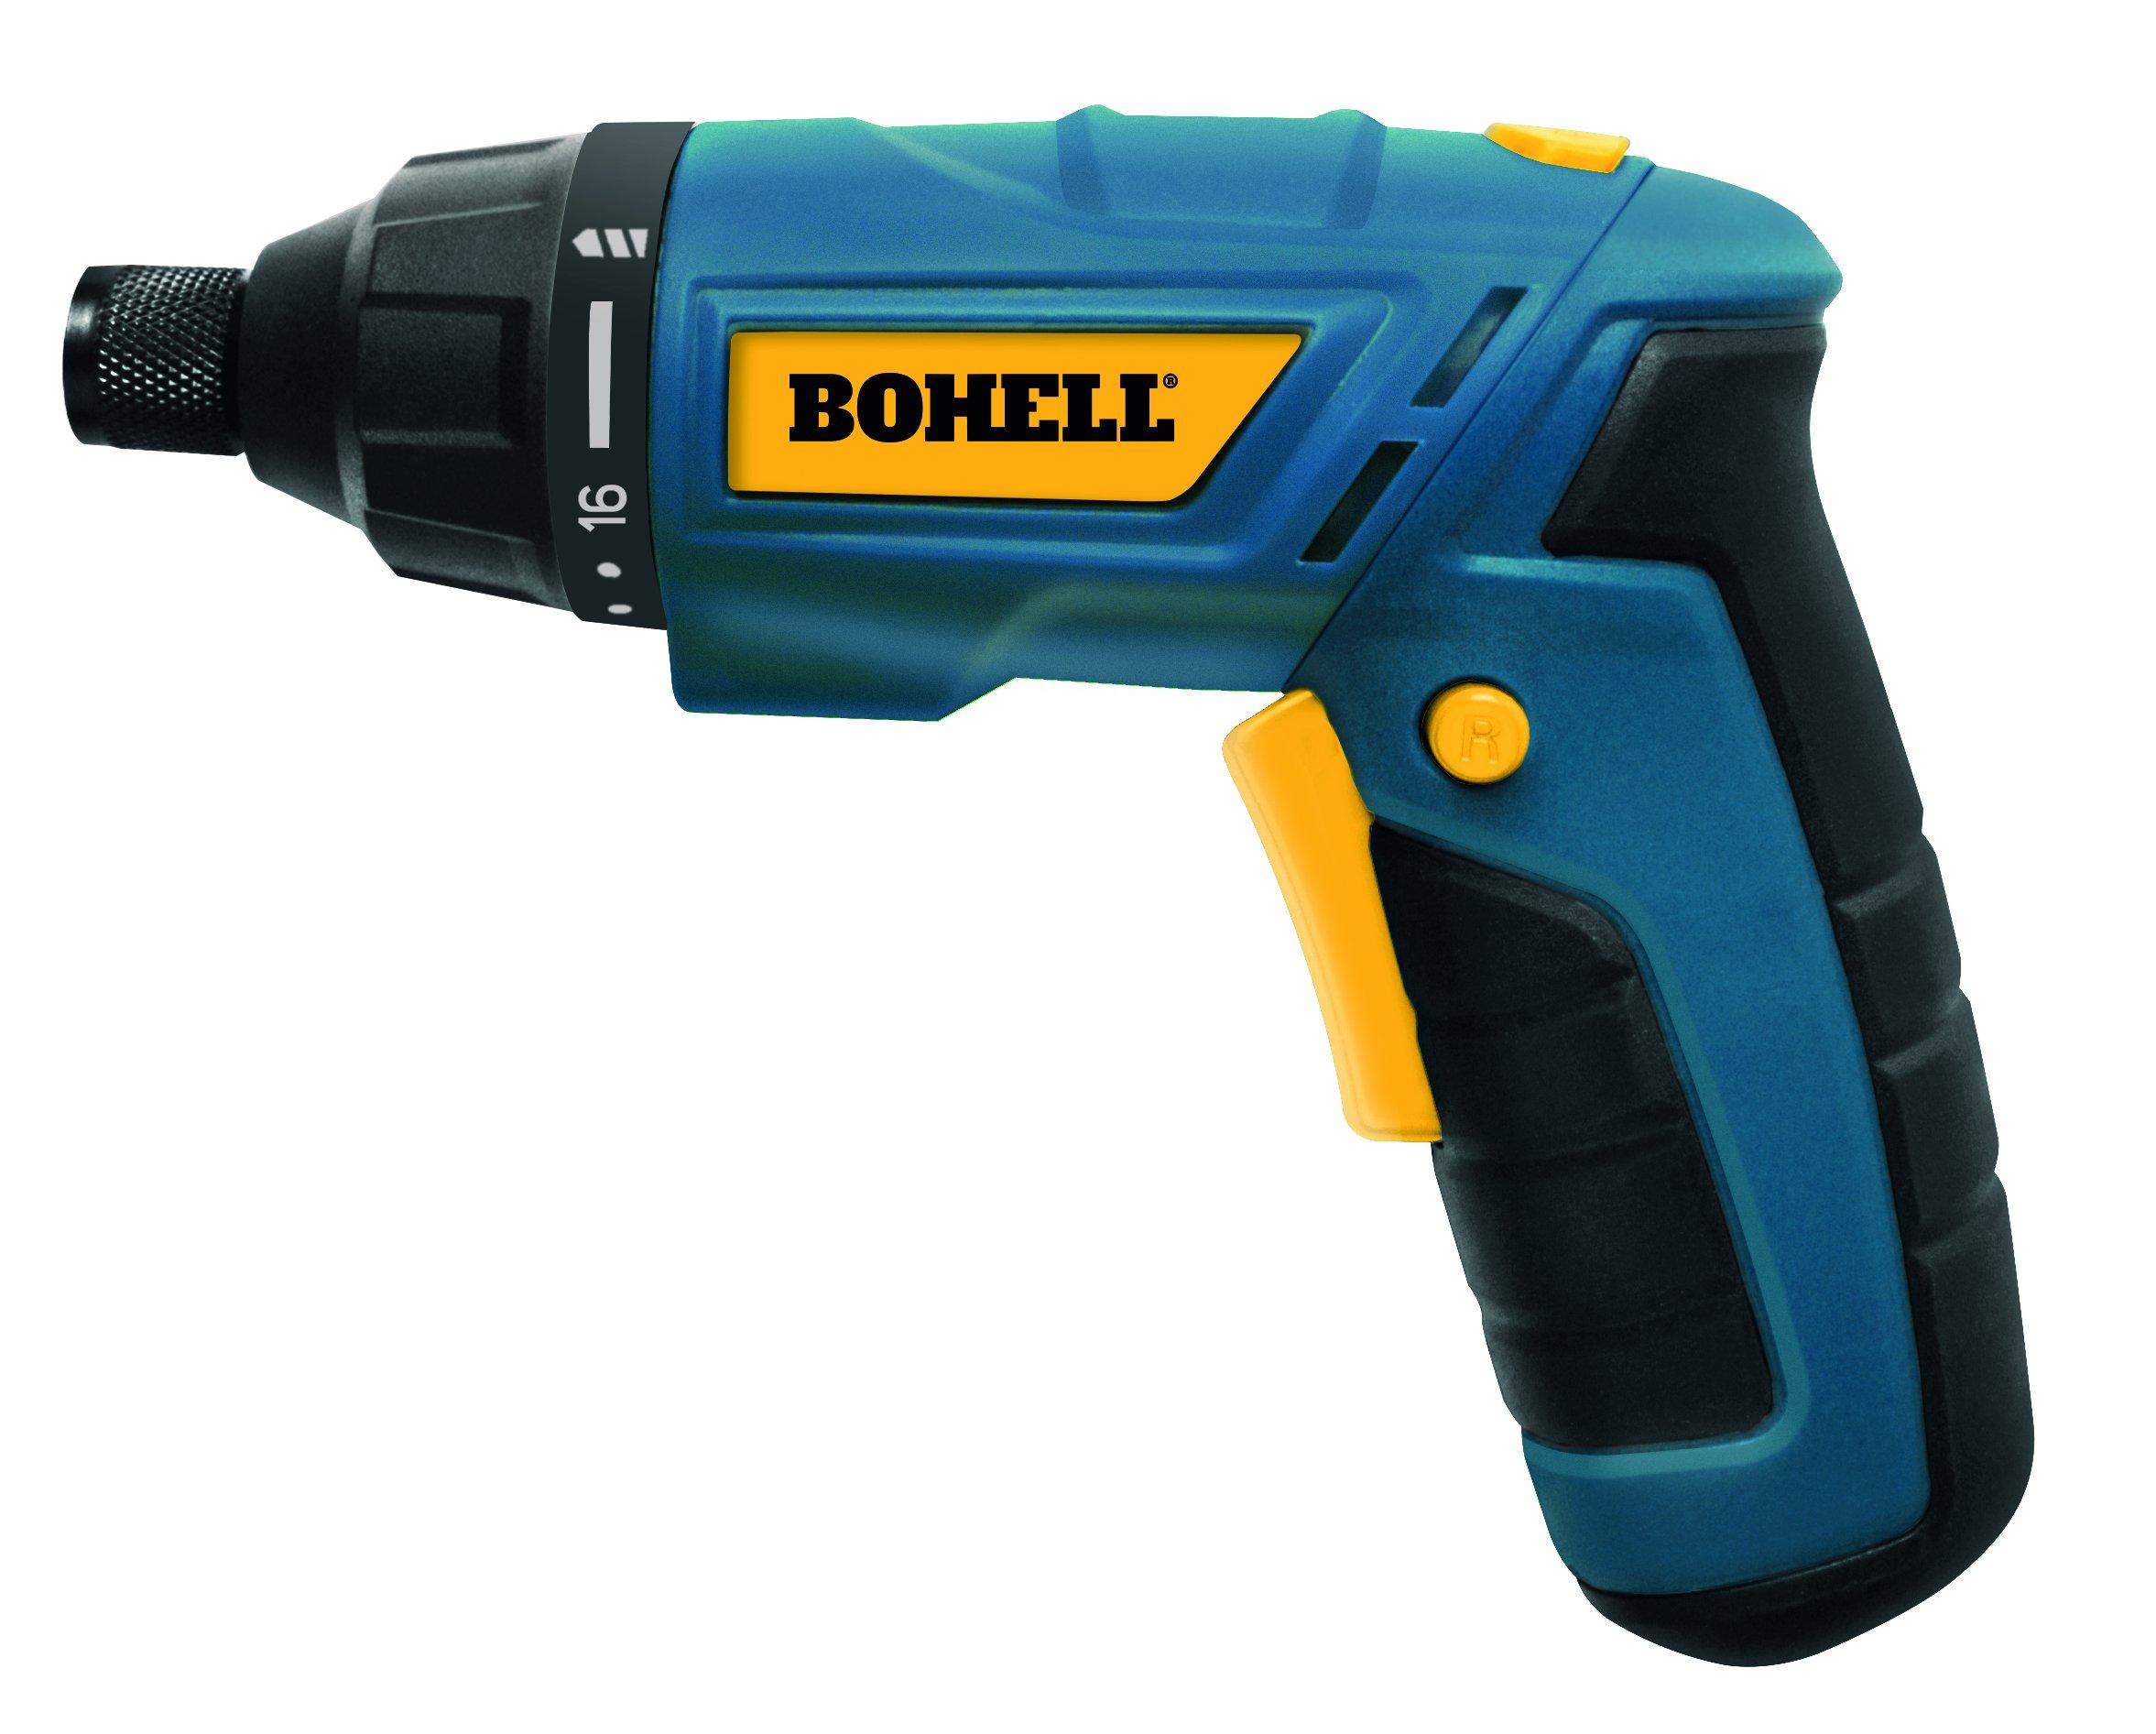 Bohell AT36LI – Atornillador sin cable de doble posición, con baterías de litio de 3.6 V, velocidad 180 rpm, 16+1 posiciones de par, par máximo 3Nm